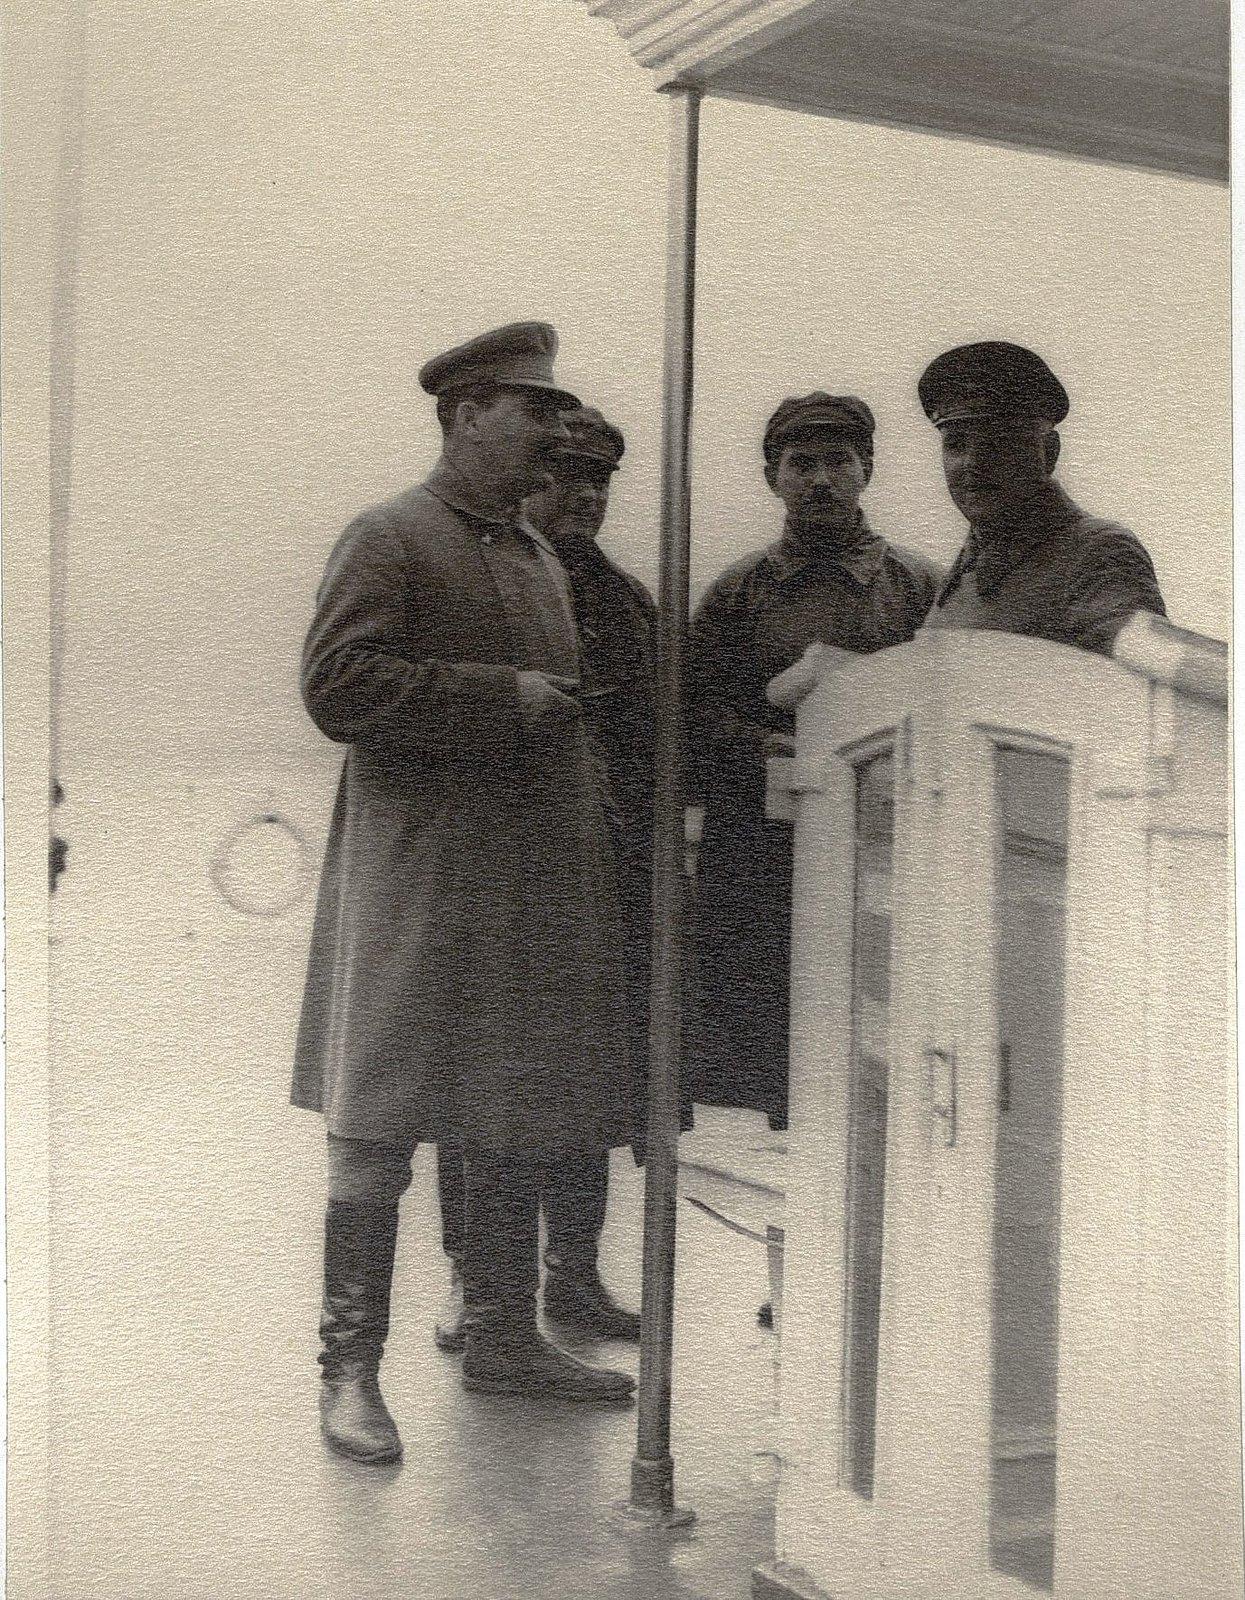 23. И.В. Сталин, К.Е. Ворошилов, Н.С. Власик. Теплоход Клара Цеткин Август 1933